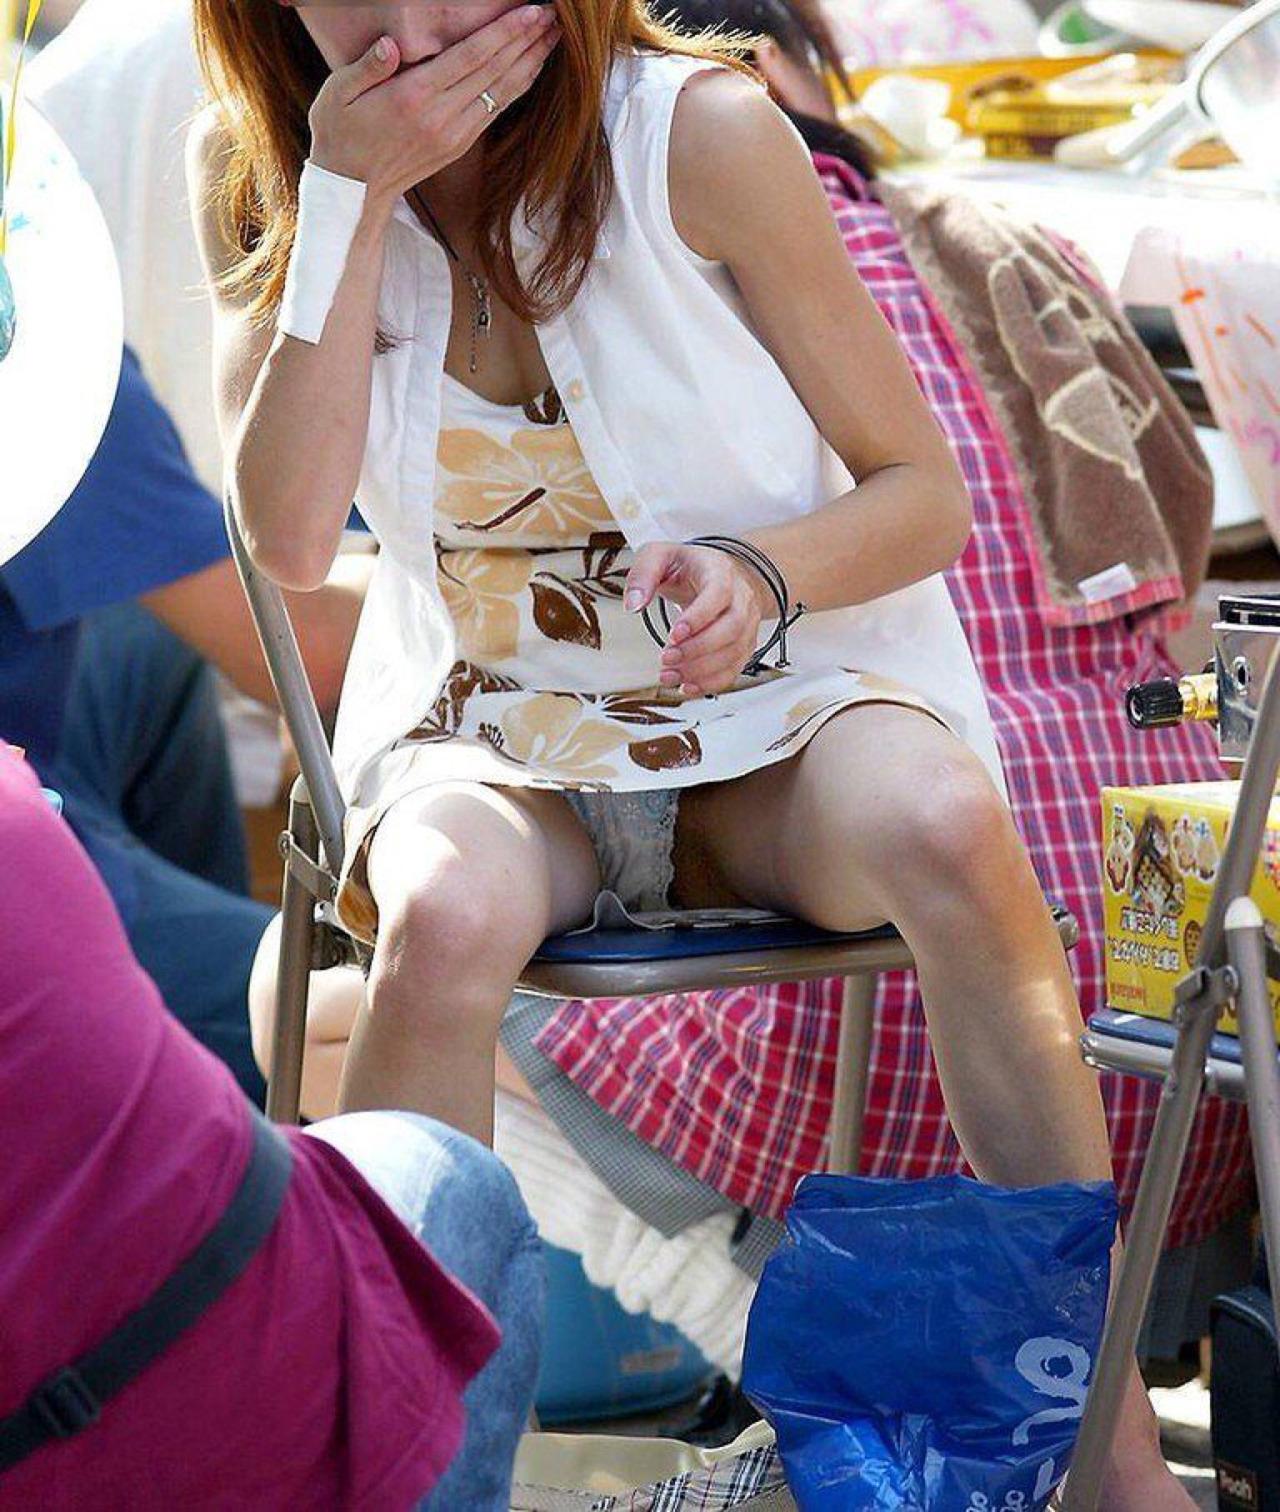 【パンチラエロ画像】そんな簡単でいいの?見せ過ぎ傾向な座りチラ女子www 12